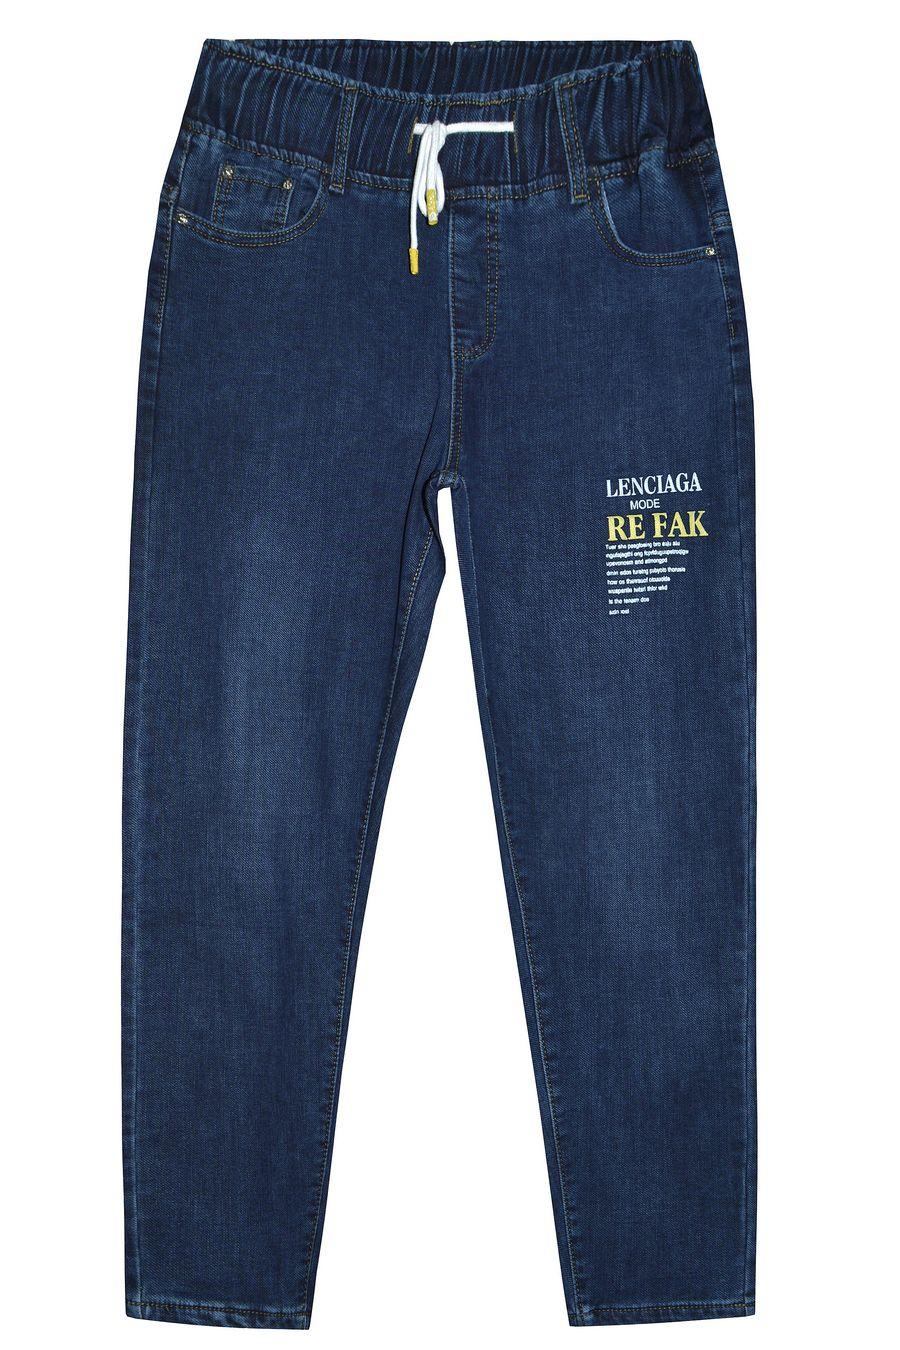 Джинсы женские K.Y Jeans 169 утепленные - фото 1